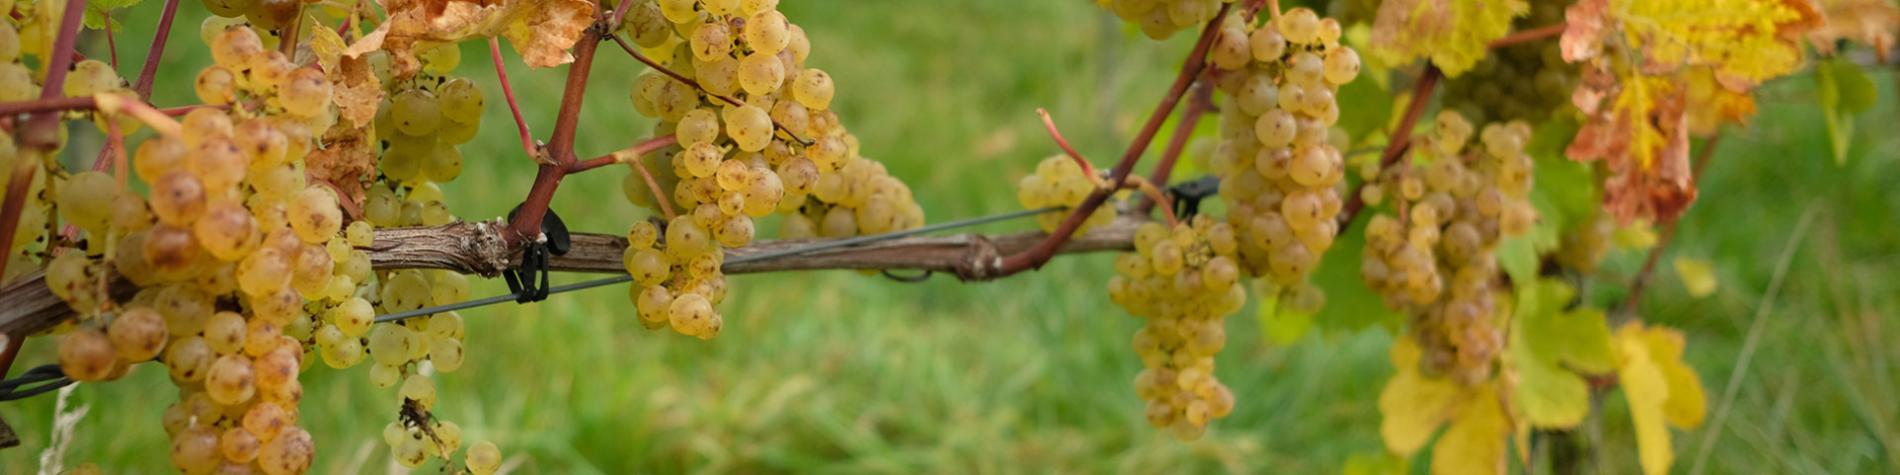 Vin - Liège - Domaine - viticole - liégeois